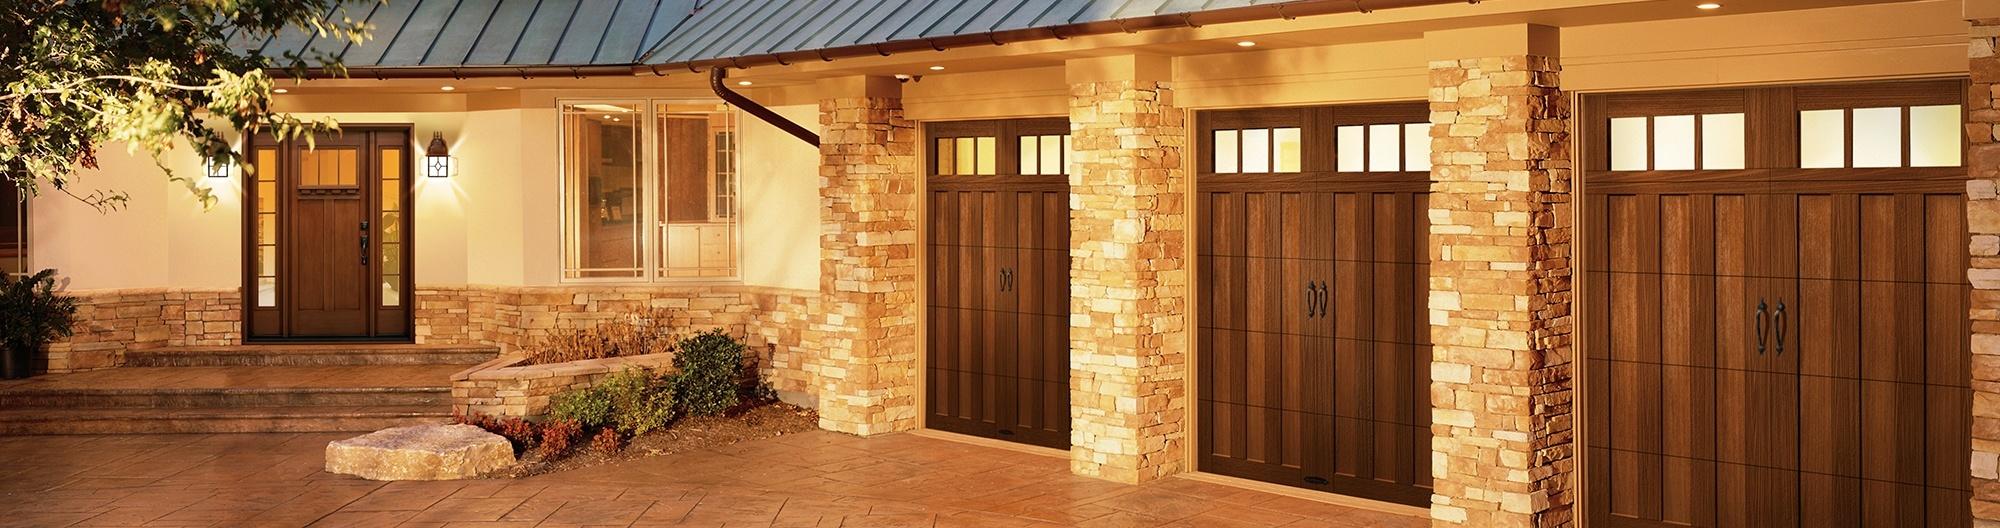 Garage Door Showroom Distribudoors Everett Garage Door